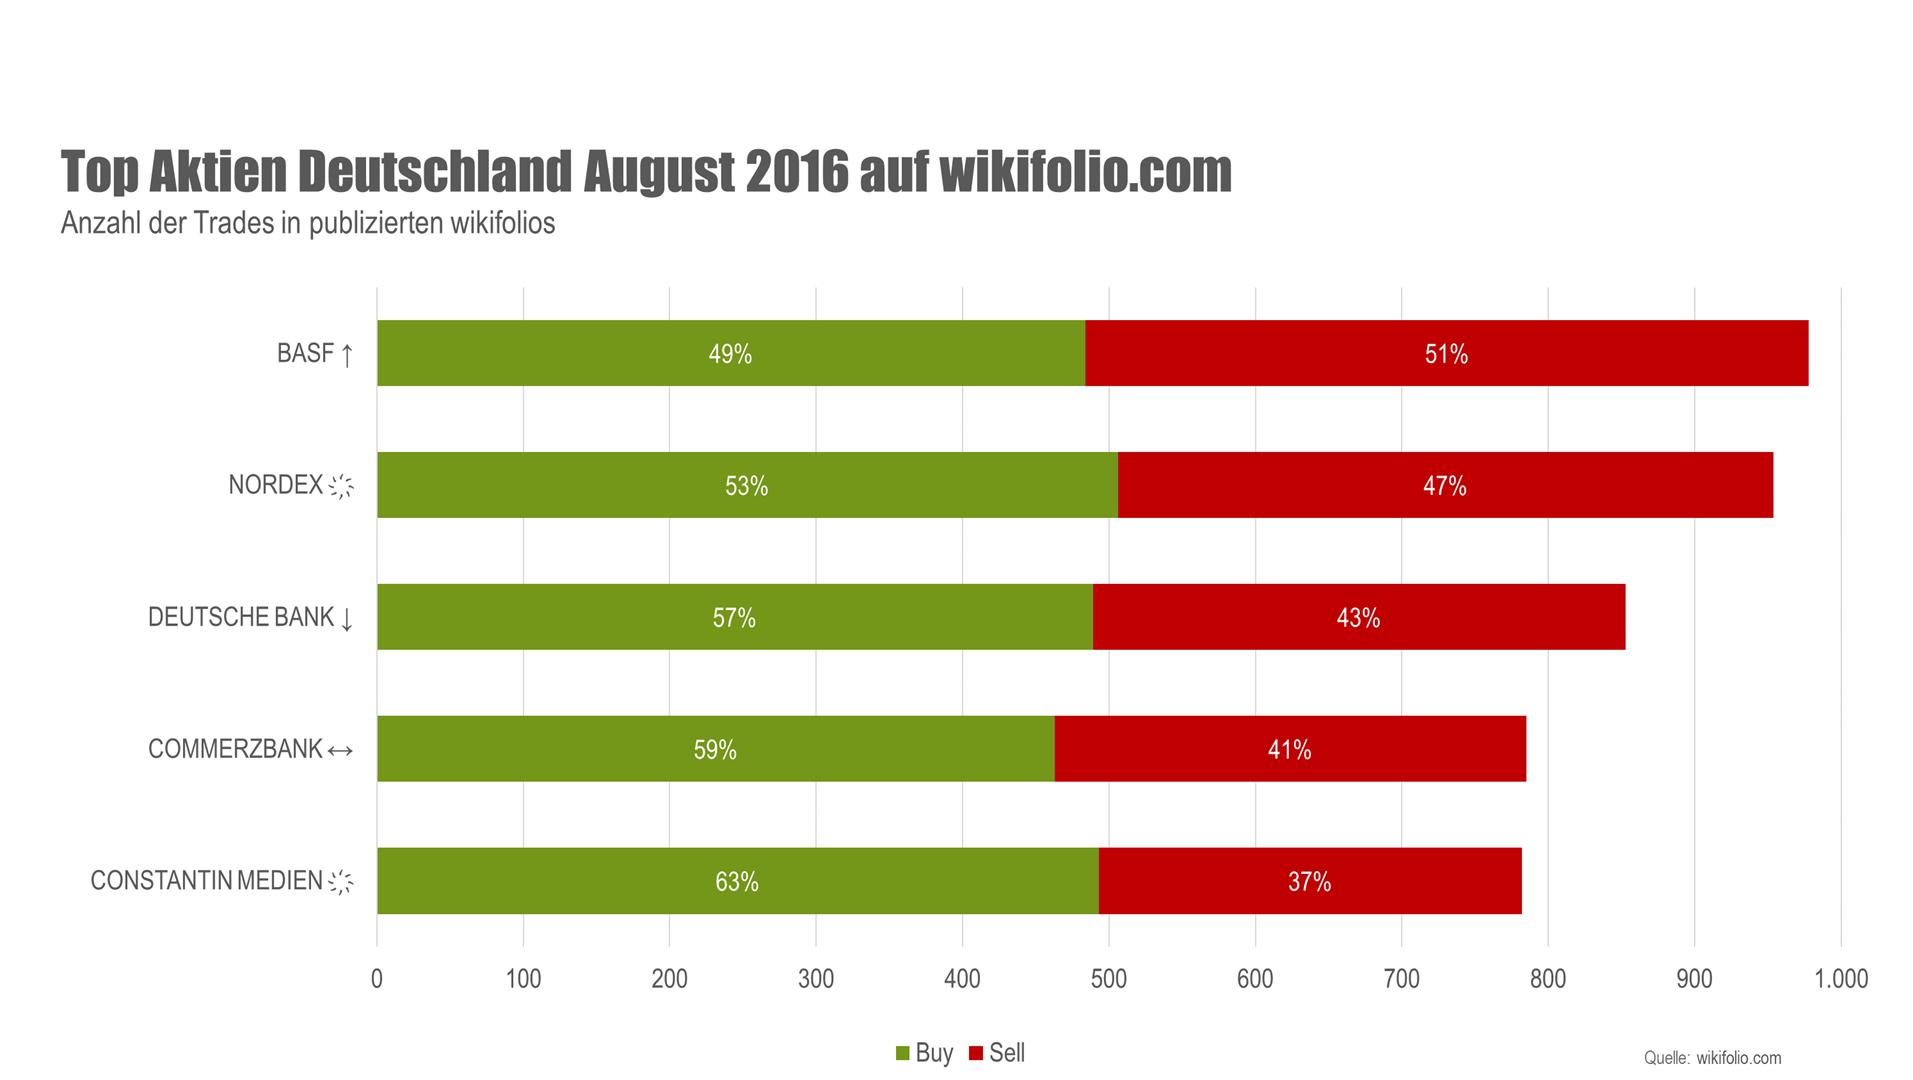 Grafik Top-5-Aktien wikifolio.com Deutschlanf August